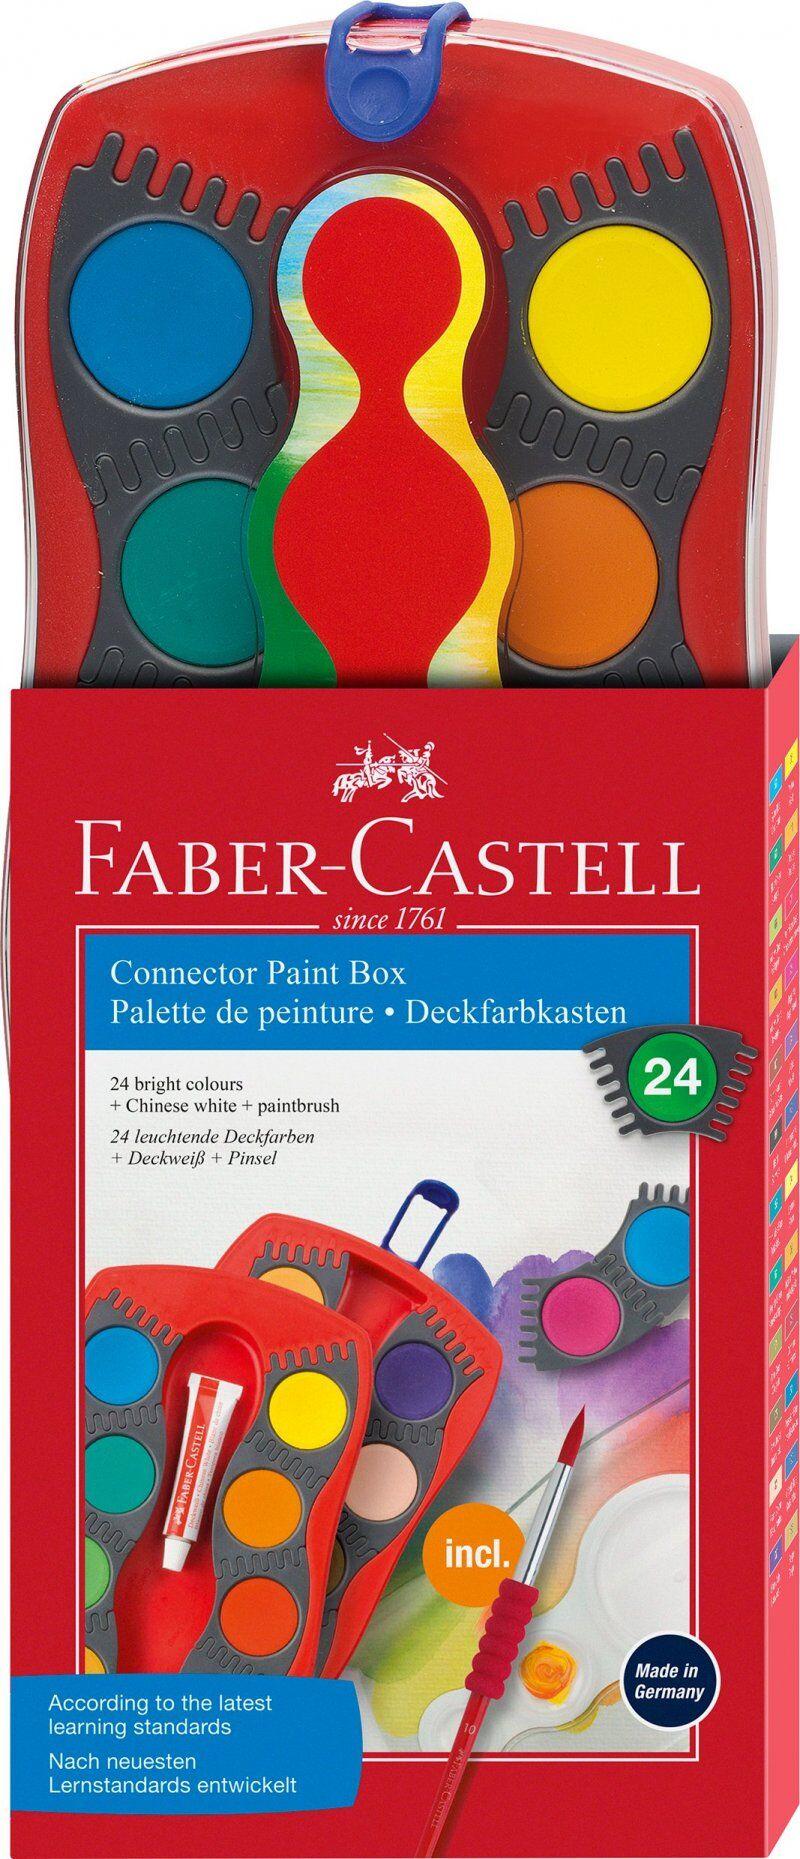 Faber-castell - Connector Farve Box - 24 Stk Vandfarver